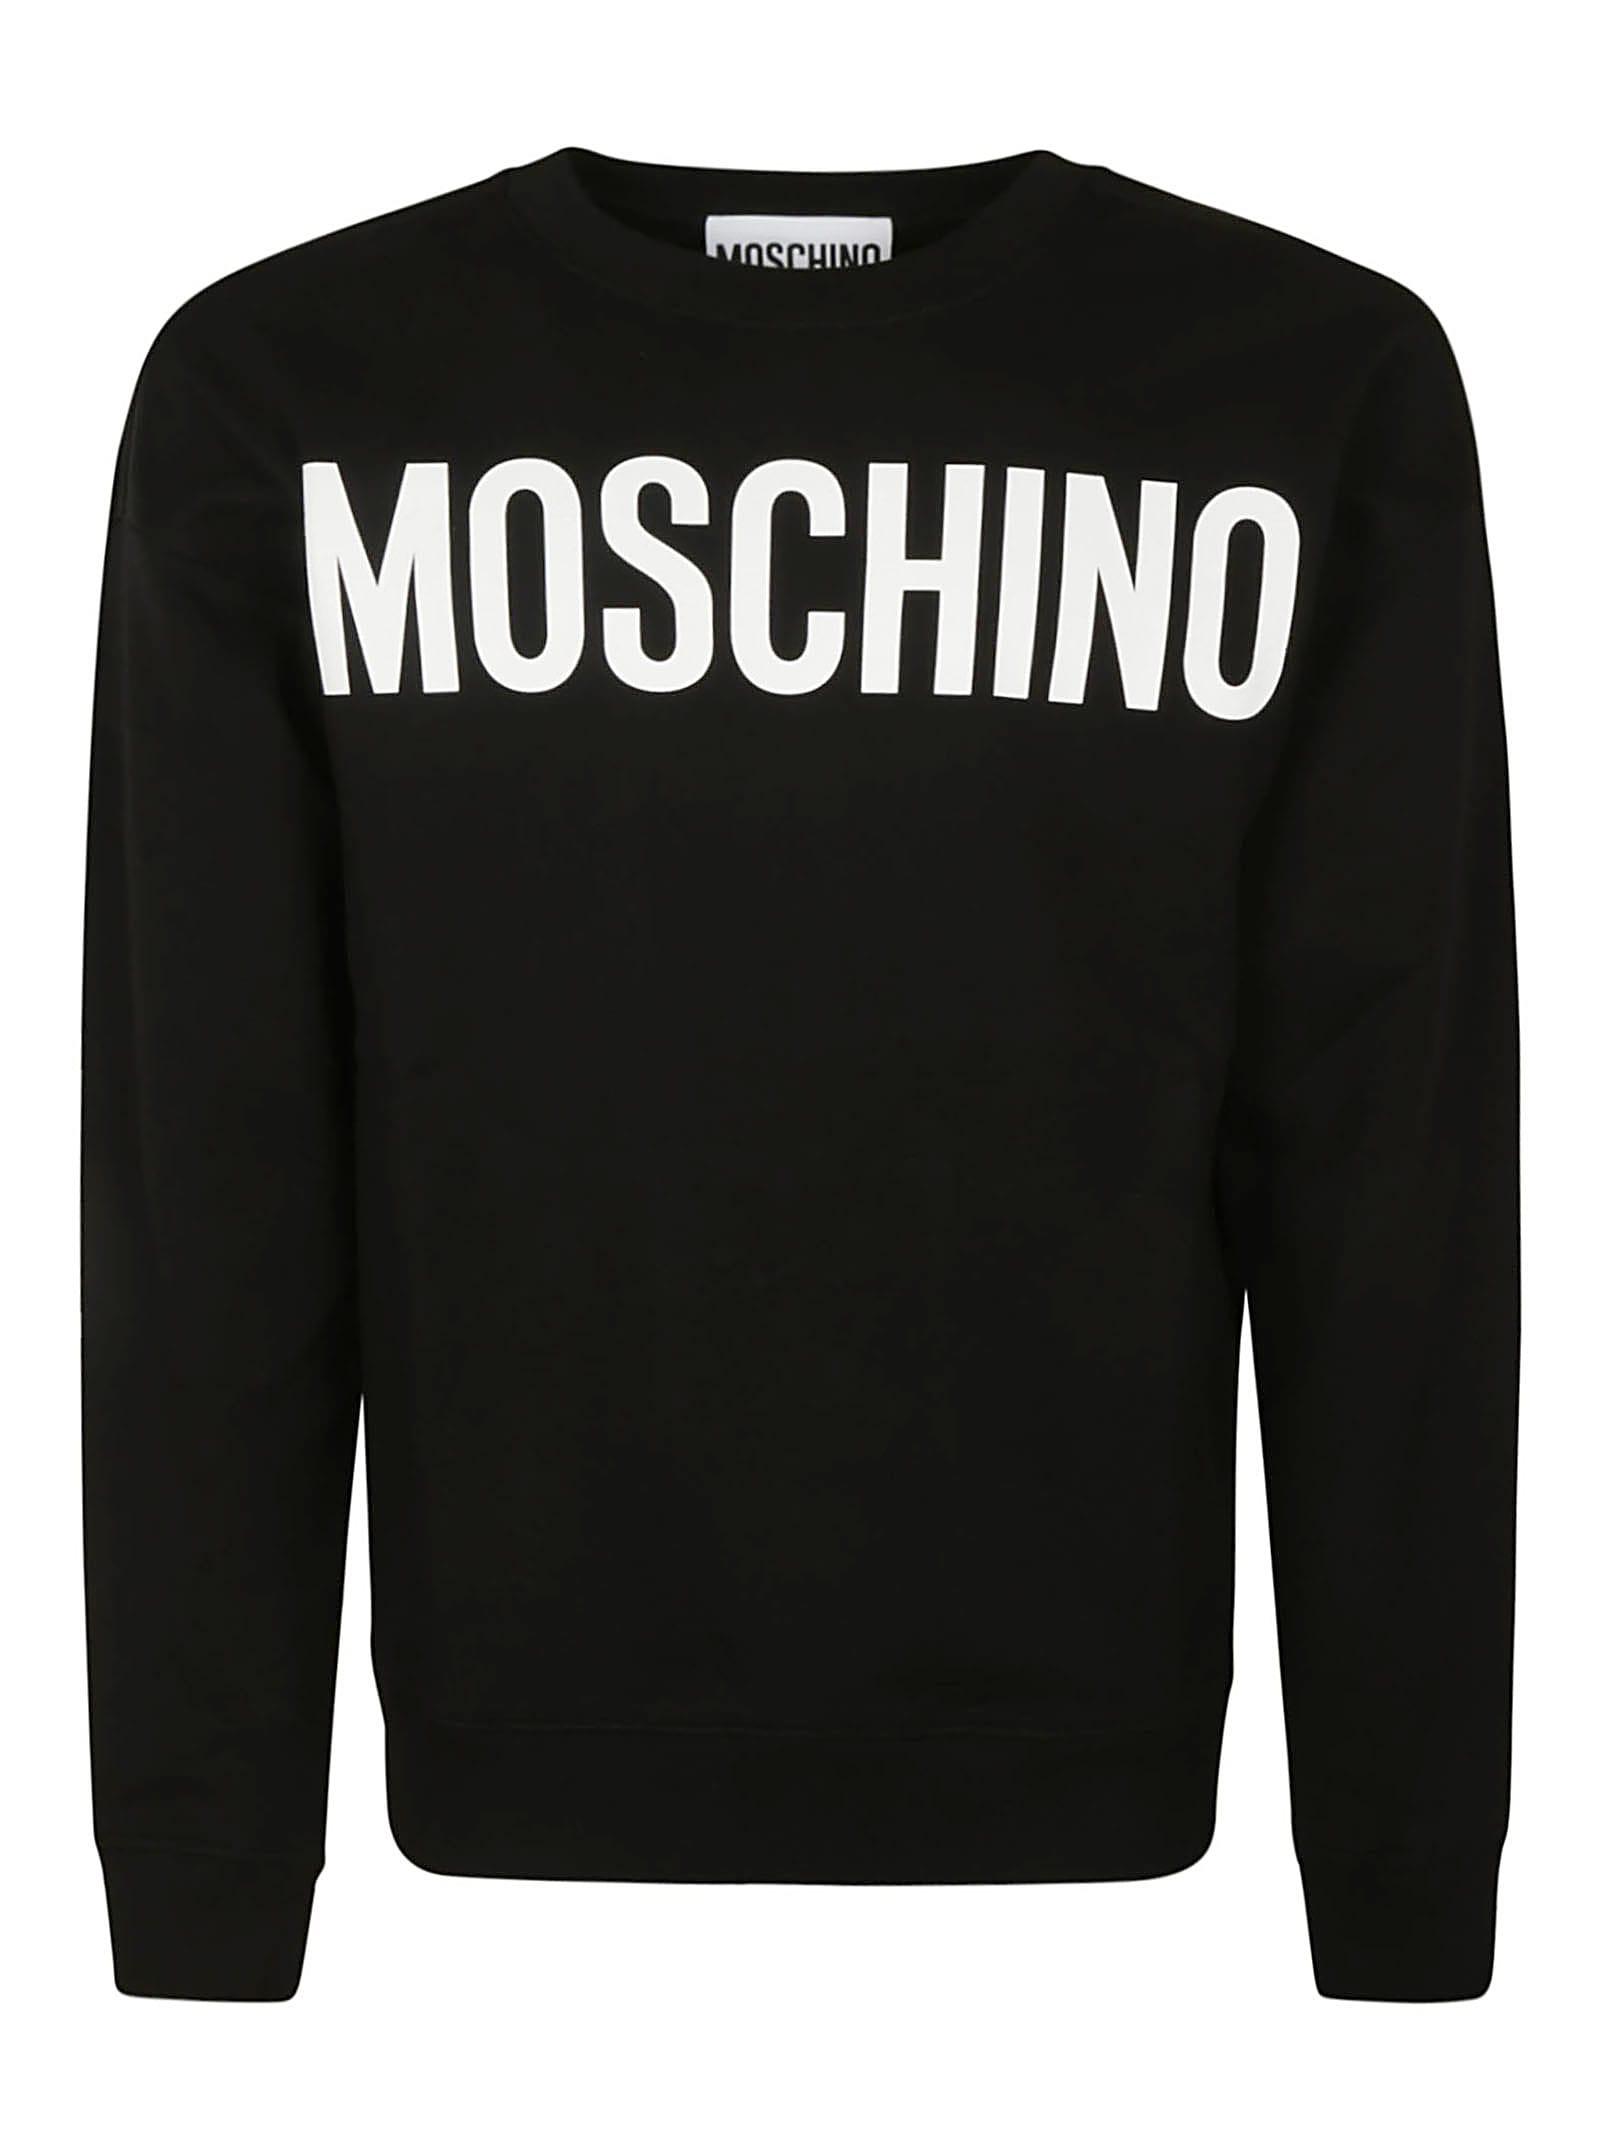 Moschino CLASSIC LOGO SWEATSHIRT